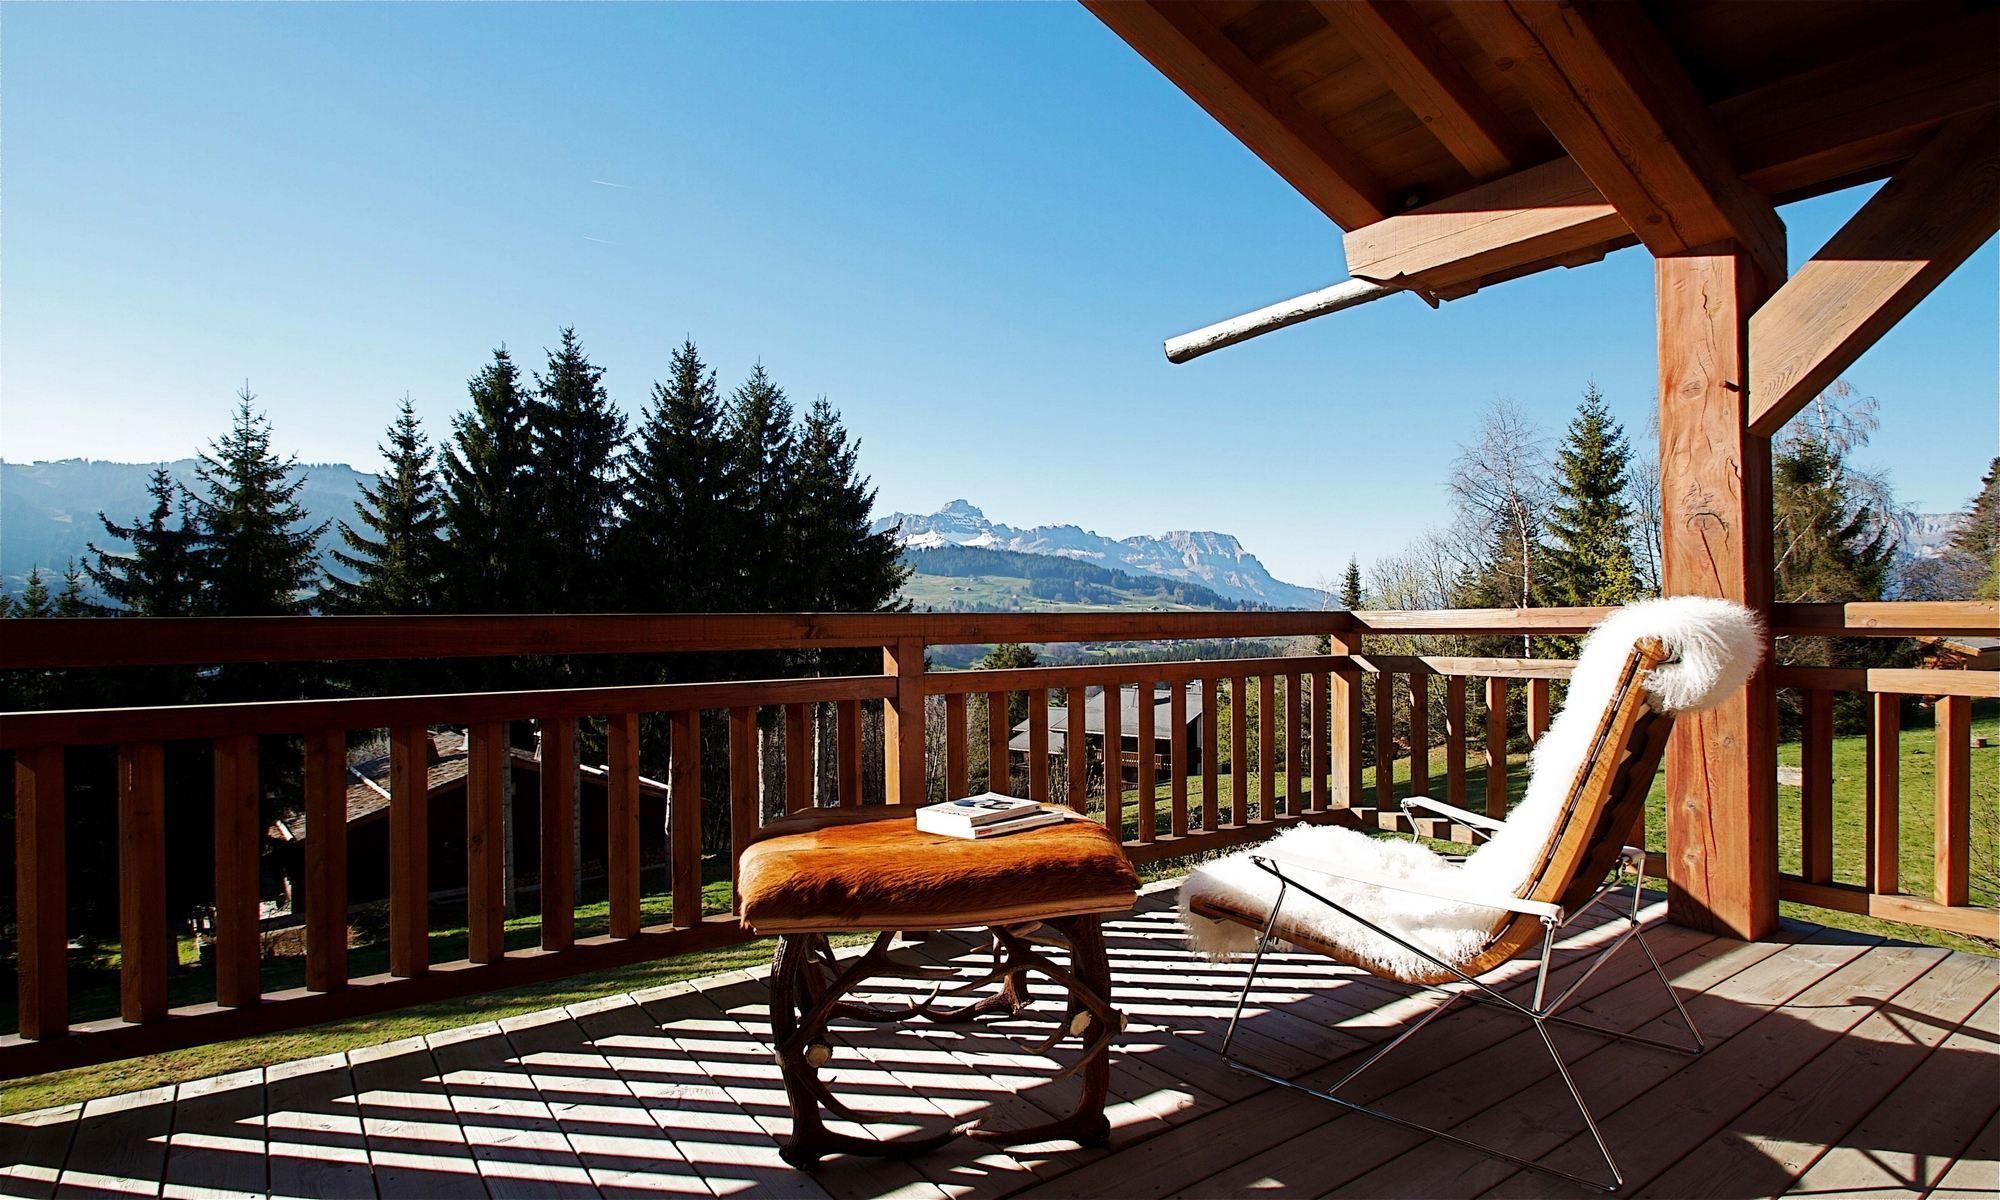 Property For Sale at Megève Mont d'Arbois Apartment/chalet Des Bois